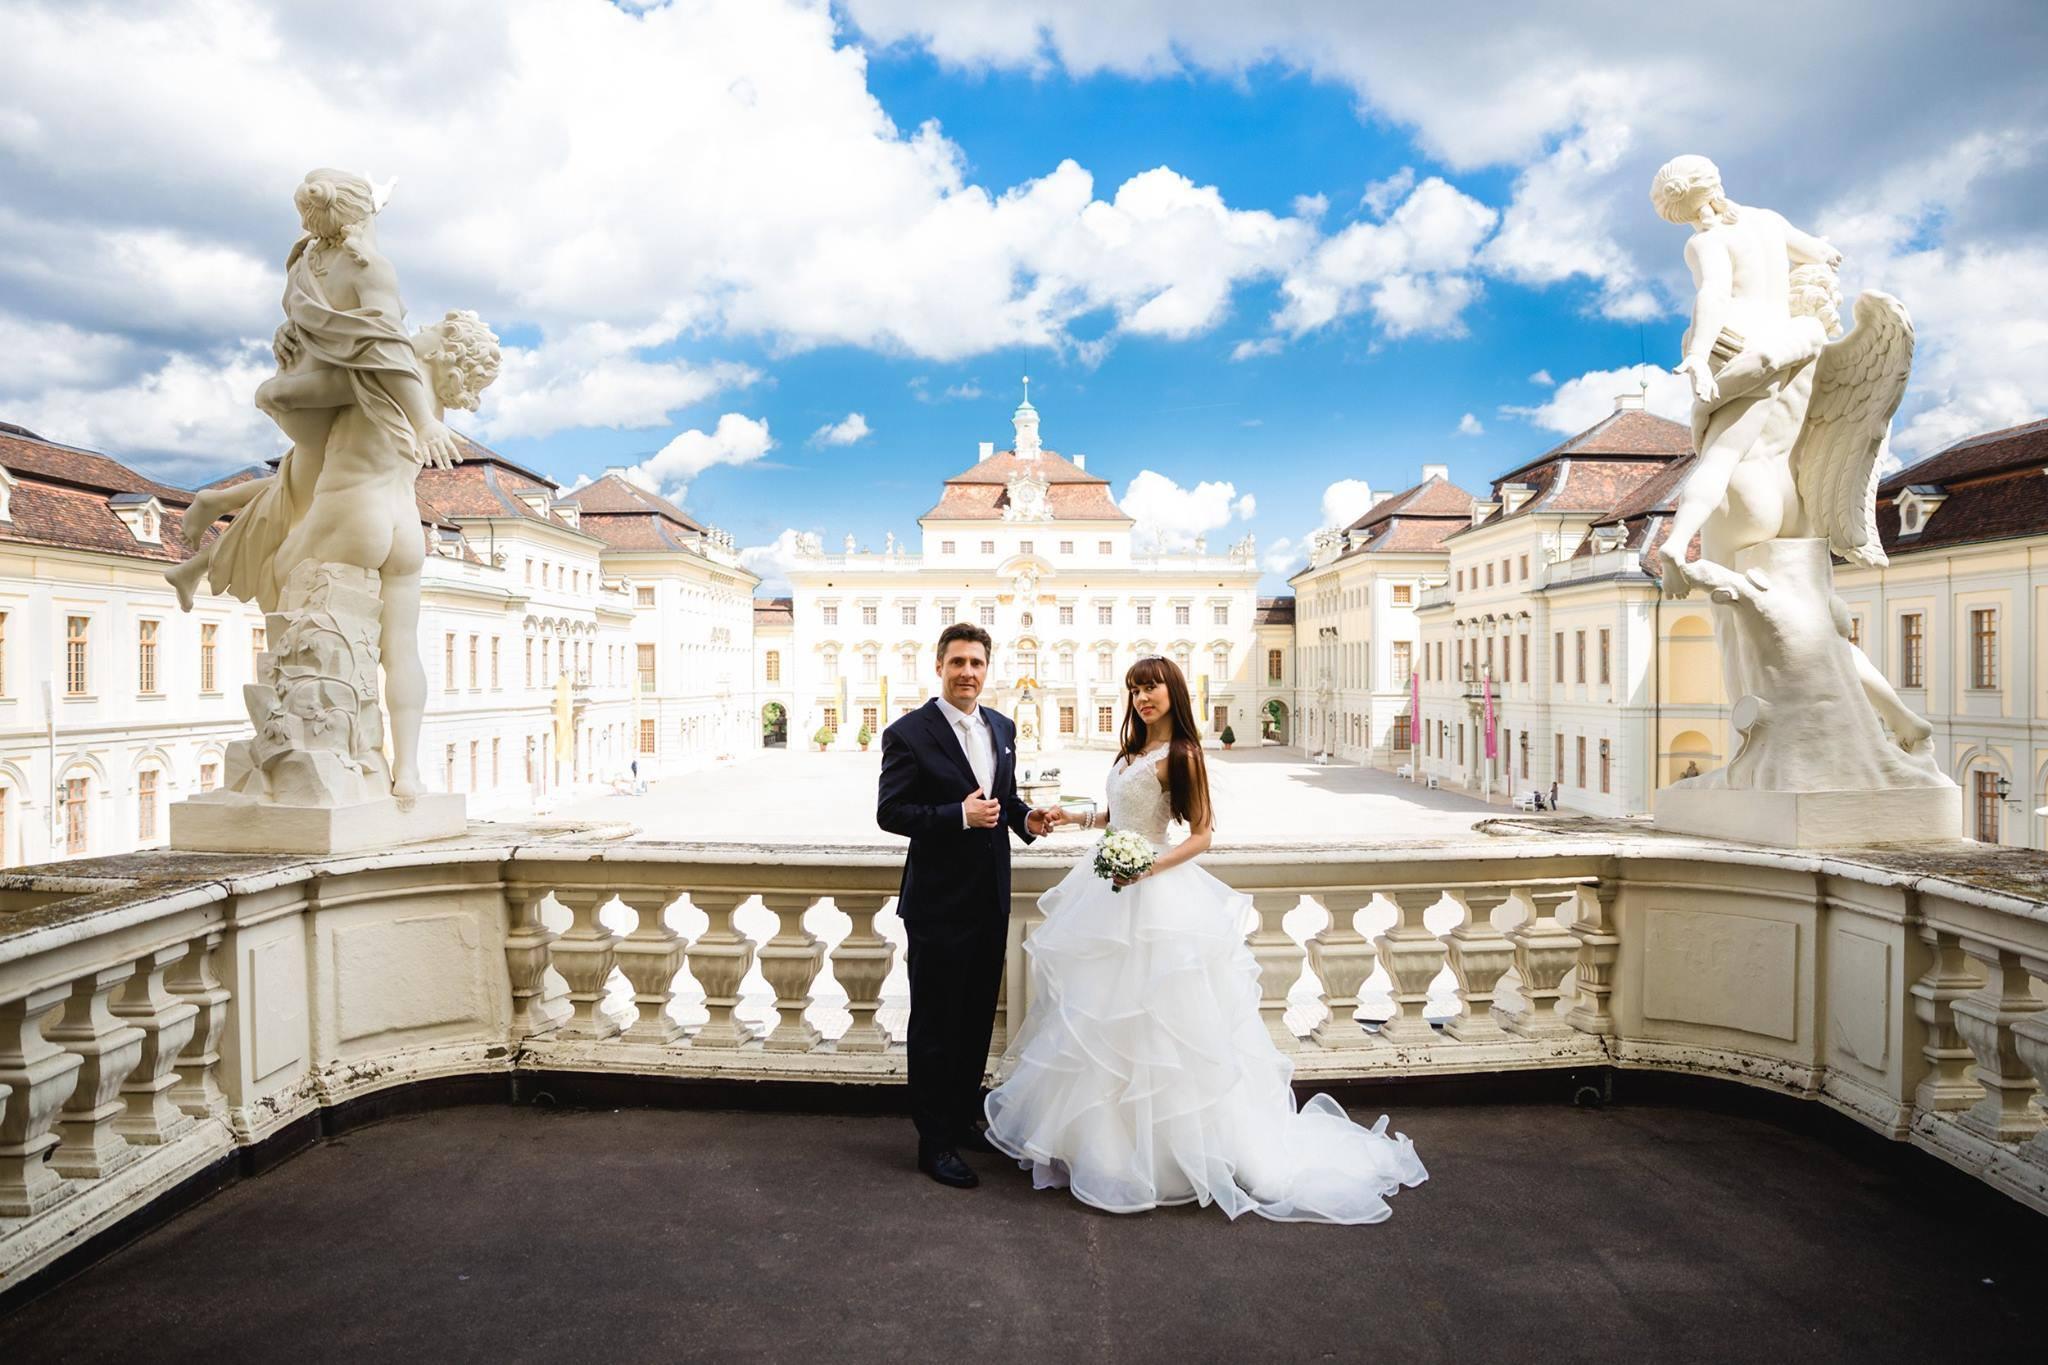 Fabrik Der Liebe Fotoshooting Auf Schloss Ludwigsburg